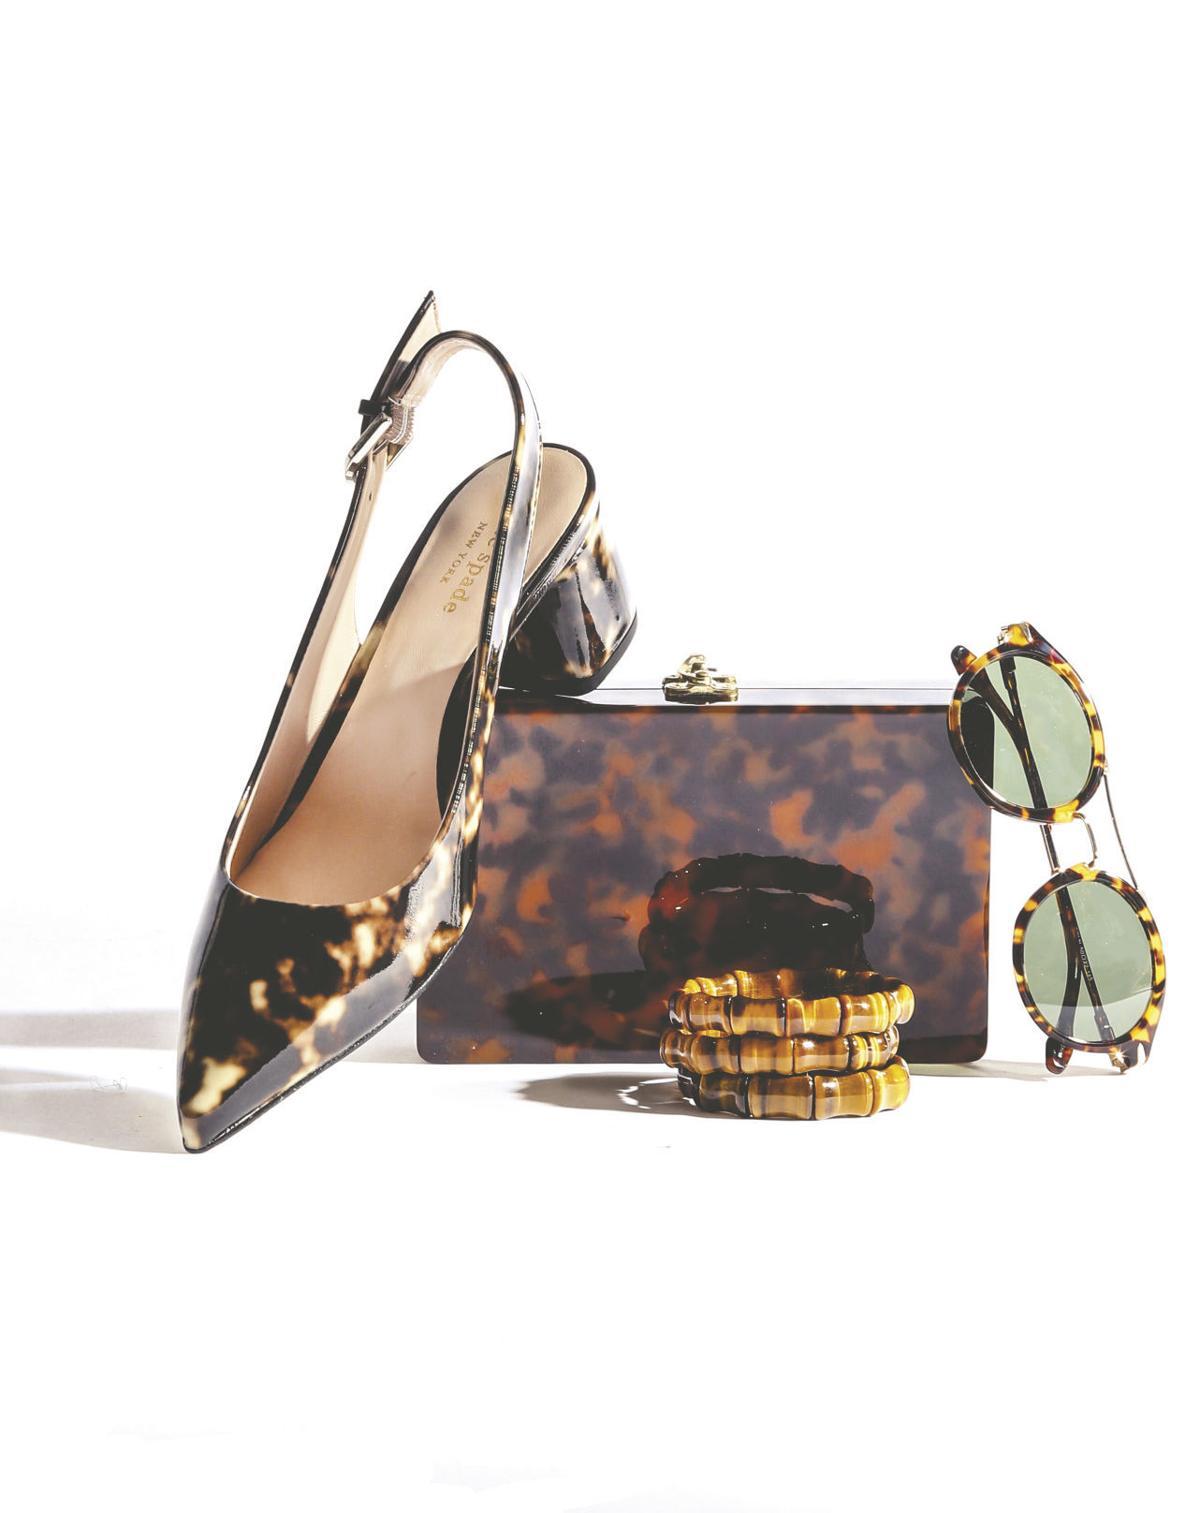 accessories19_01cmyk.jpg